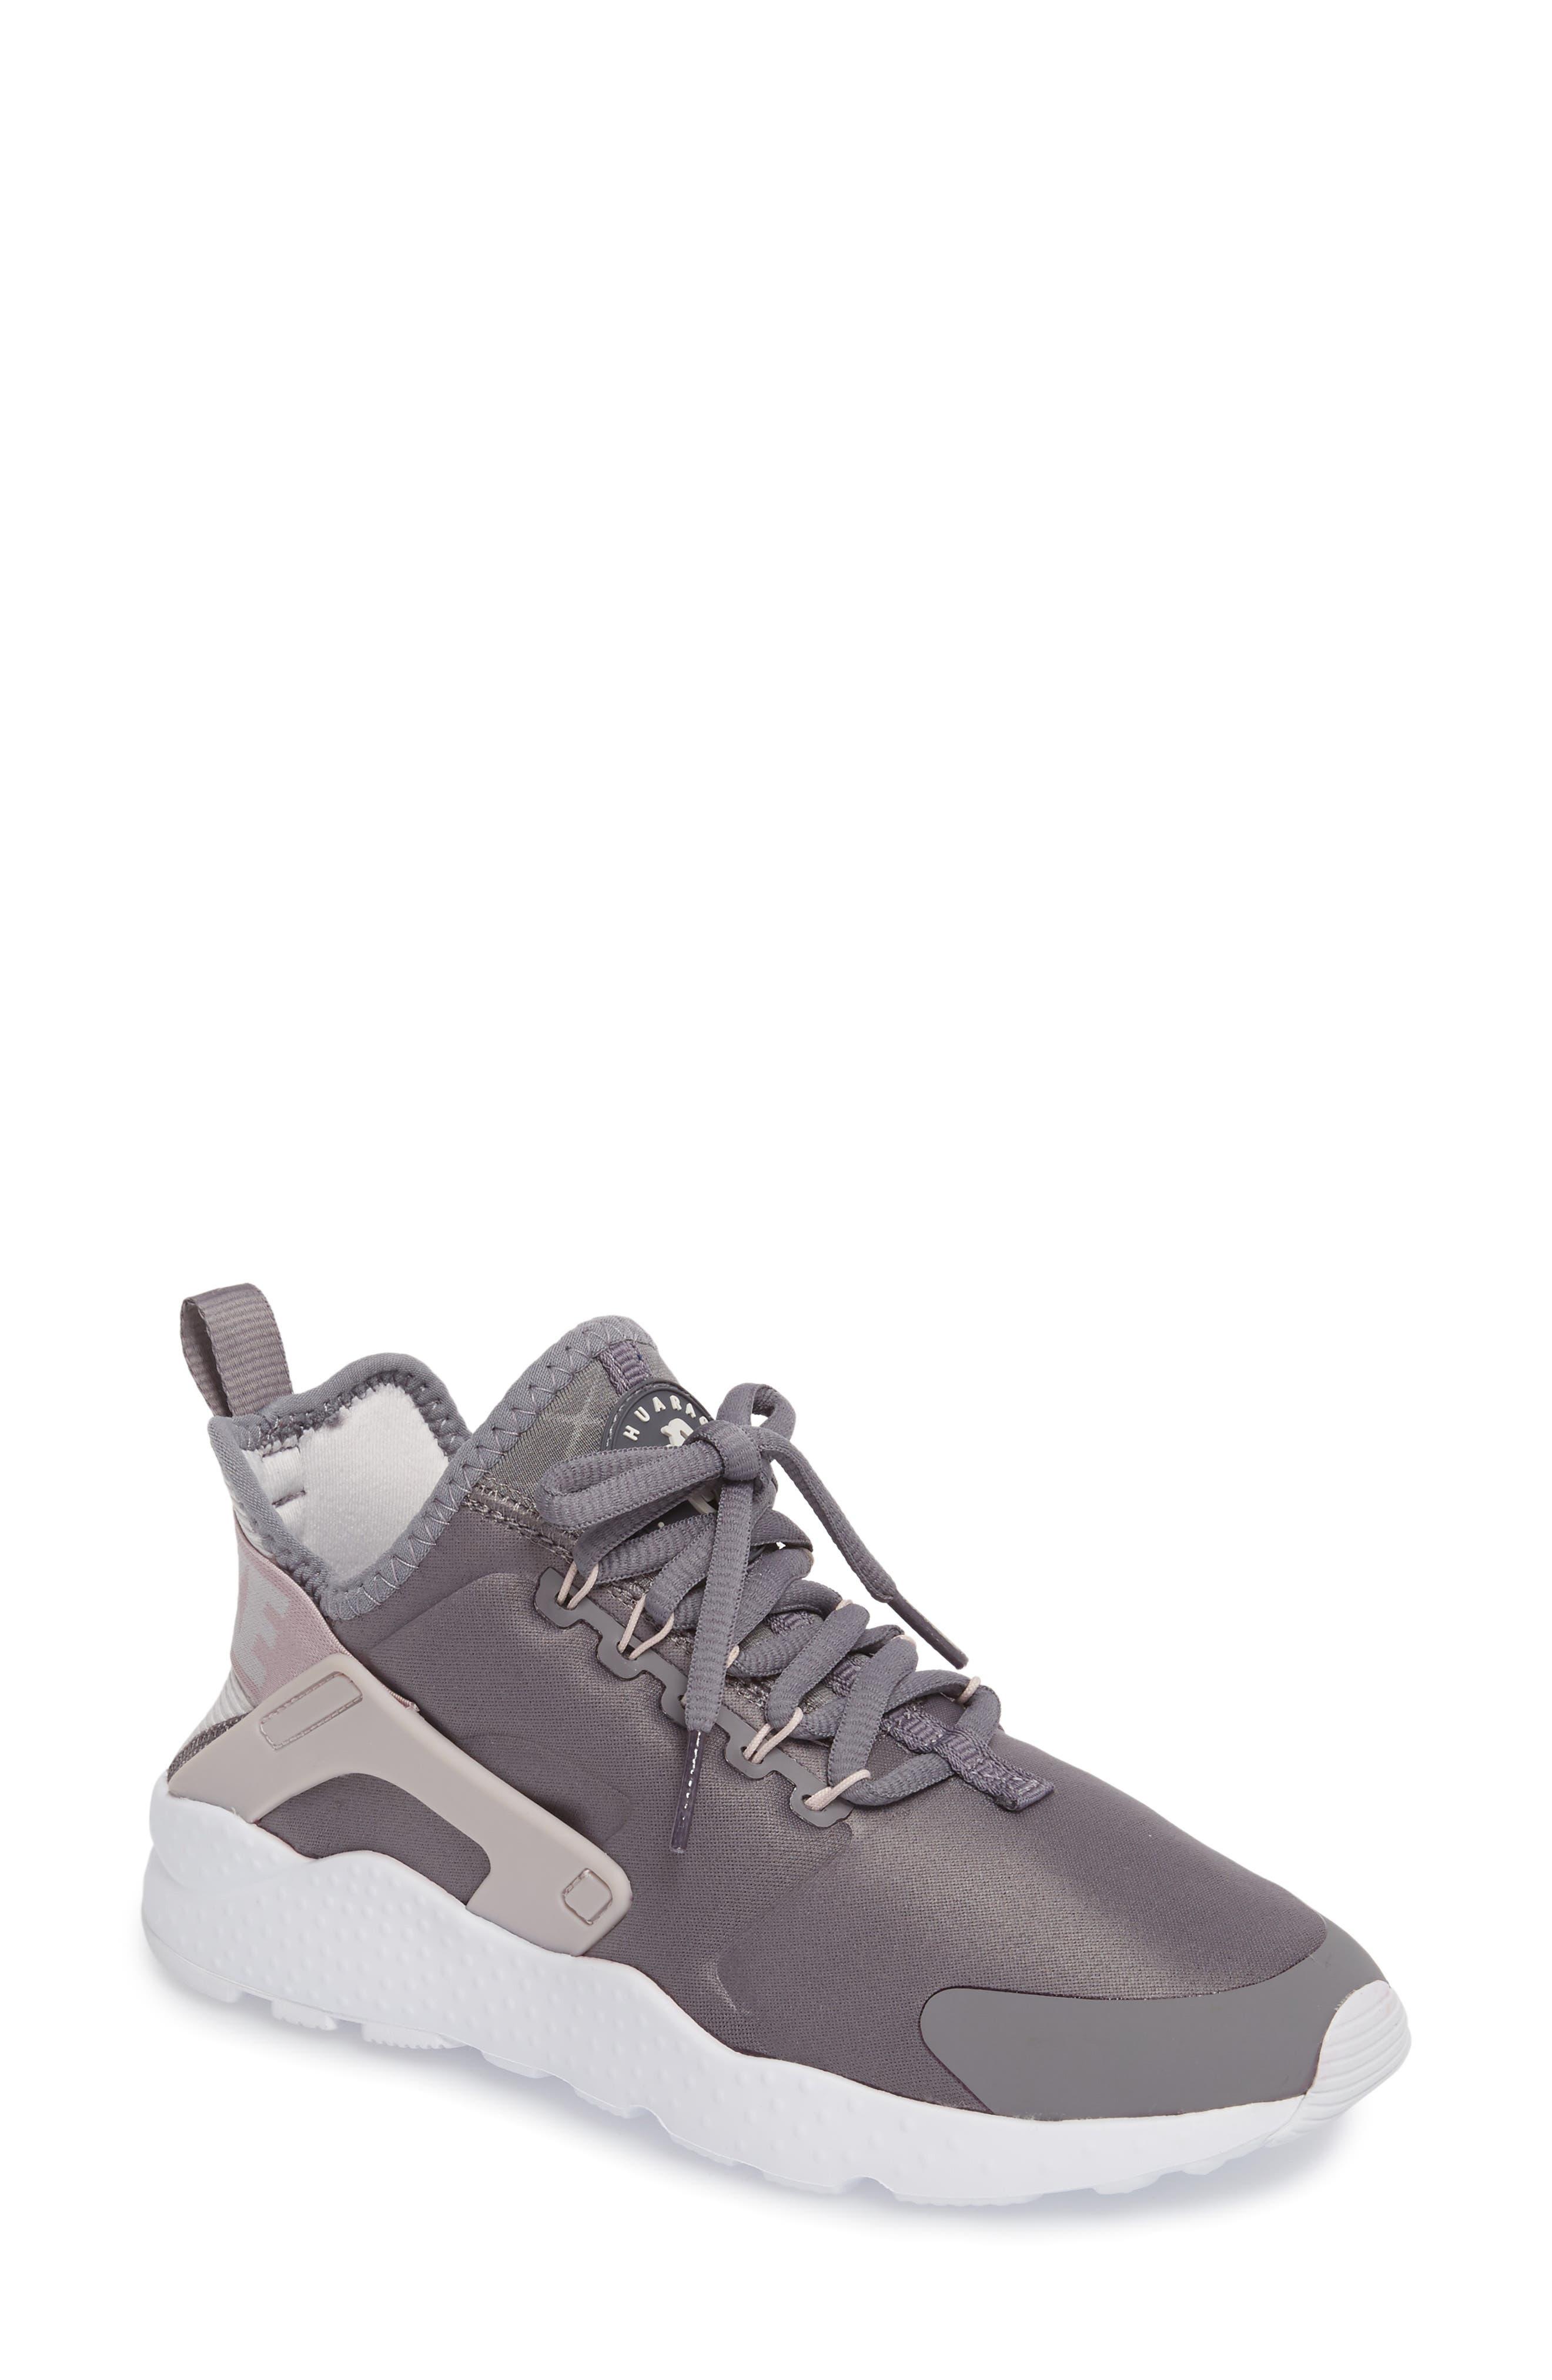 Air Huarache Sneaker,                             Main thumbnail 1, color,